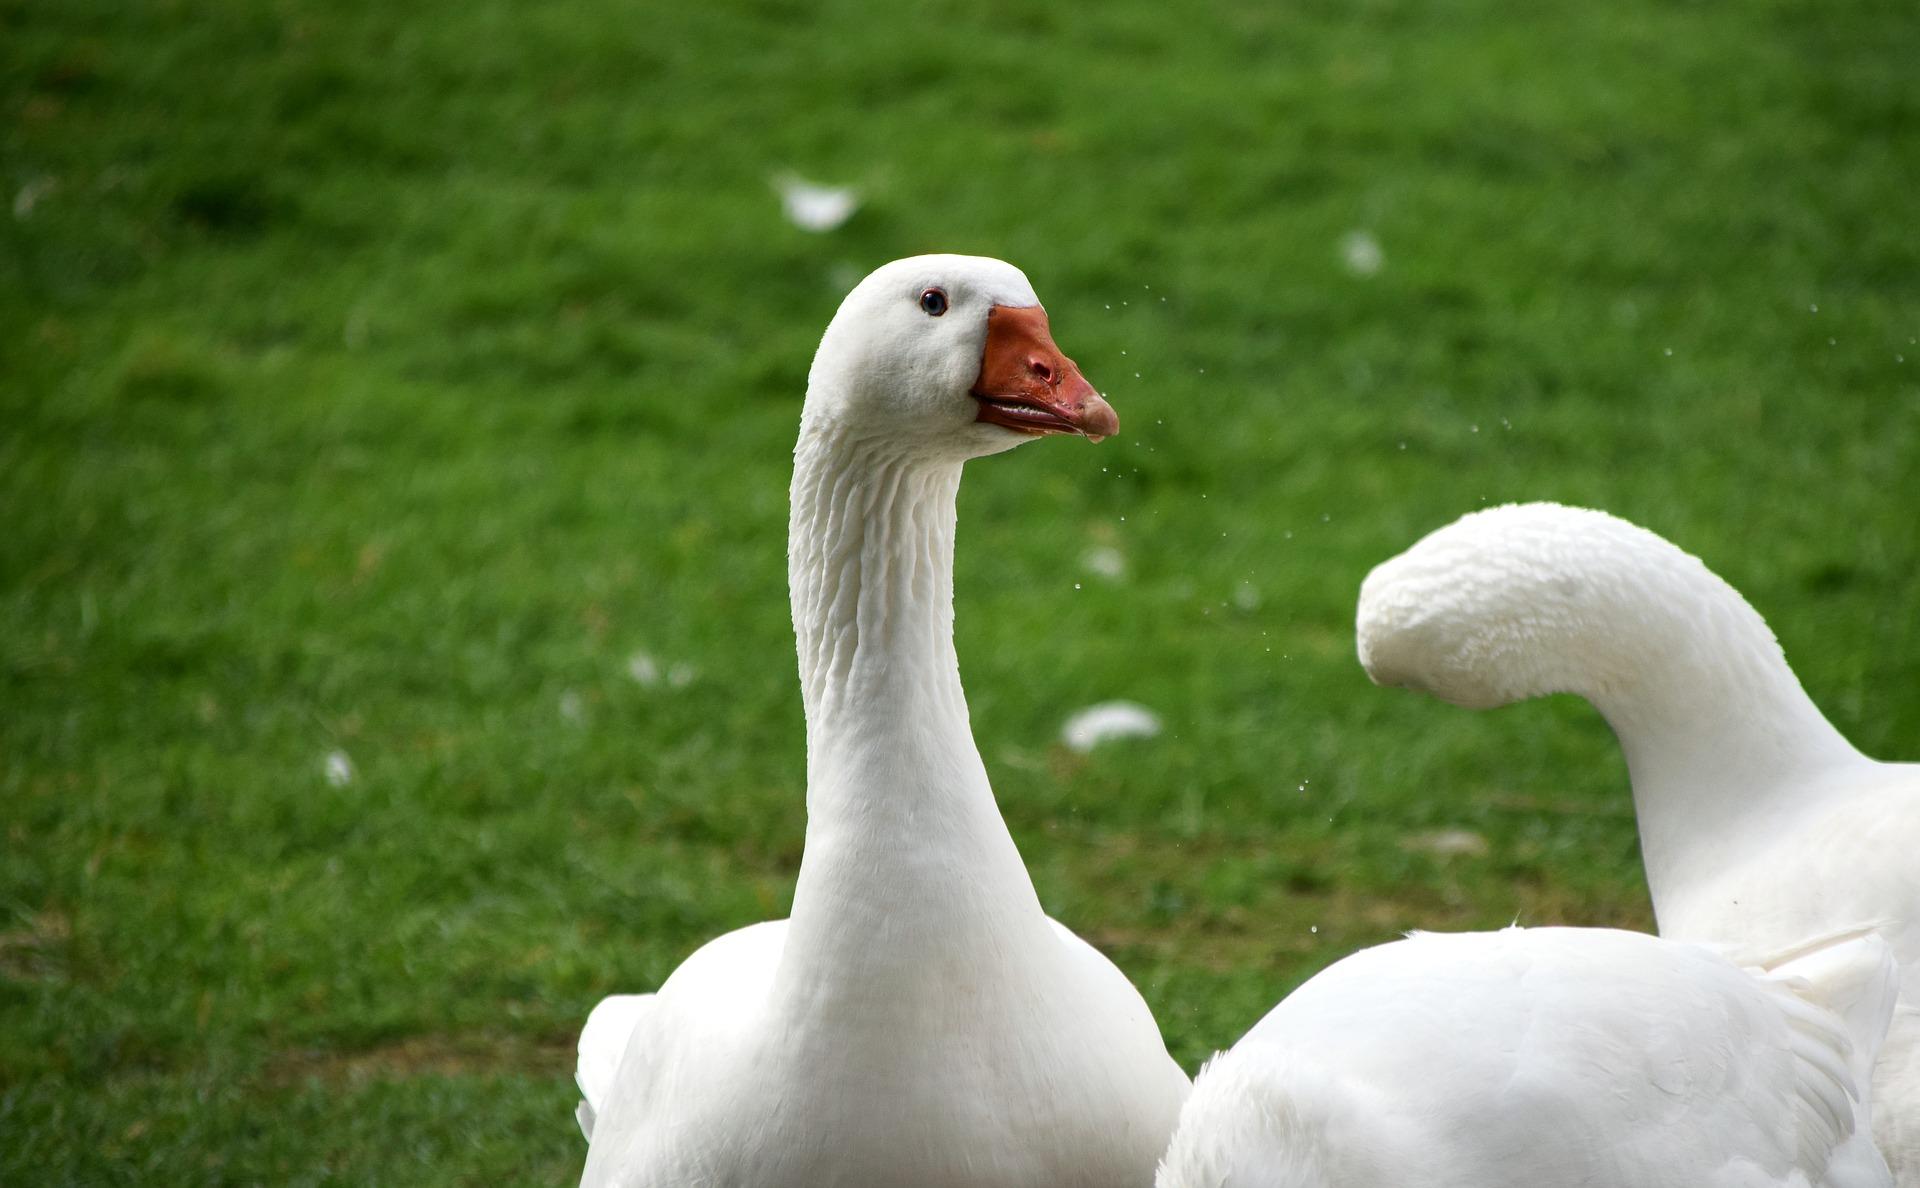 geese-1988325_1920_1.jpg